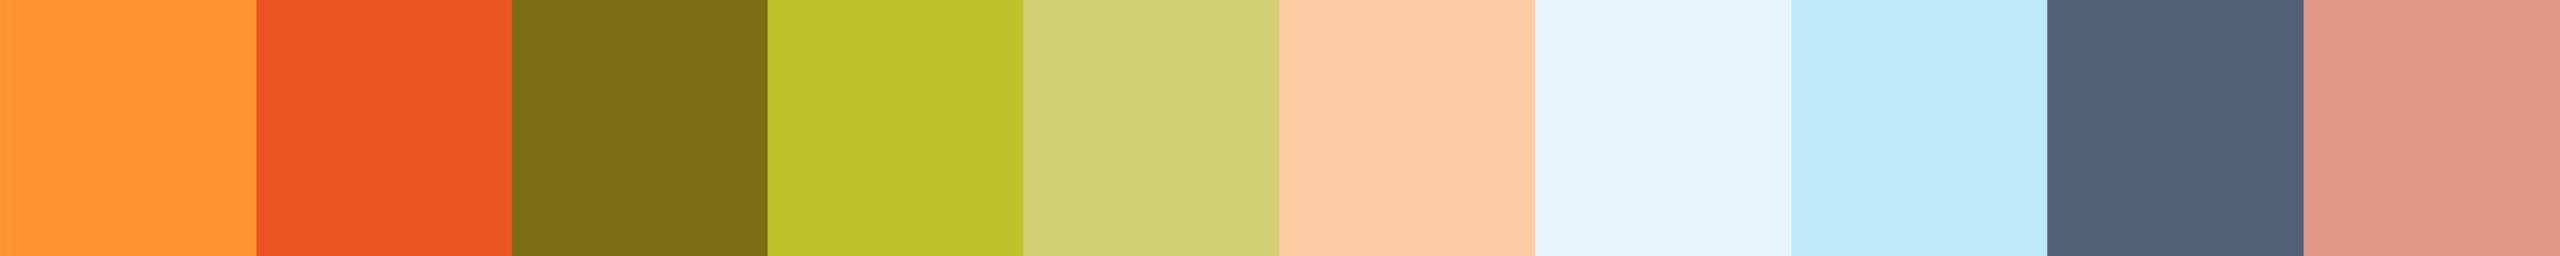 423 Diota Color Palette